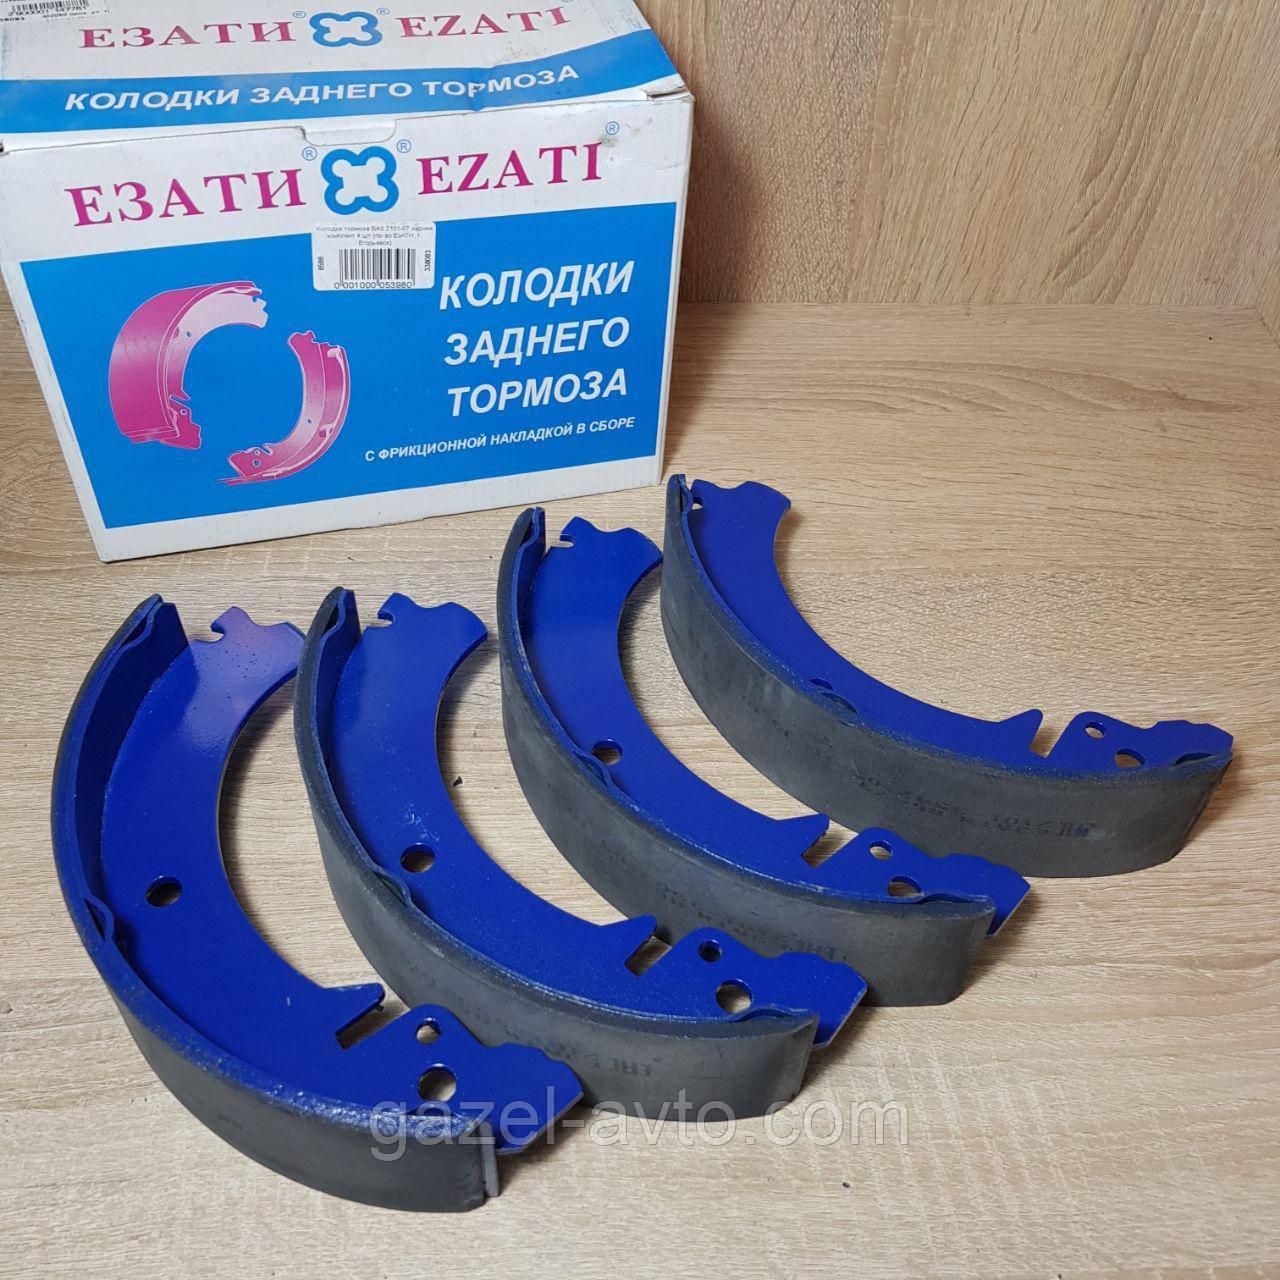 Колодка тормоза ВАЗ 2101-07 классика задняя комплект 4 шт (пр-во ЕзАТИ, г. Егорьевск)